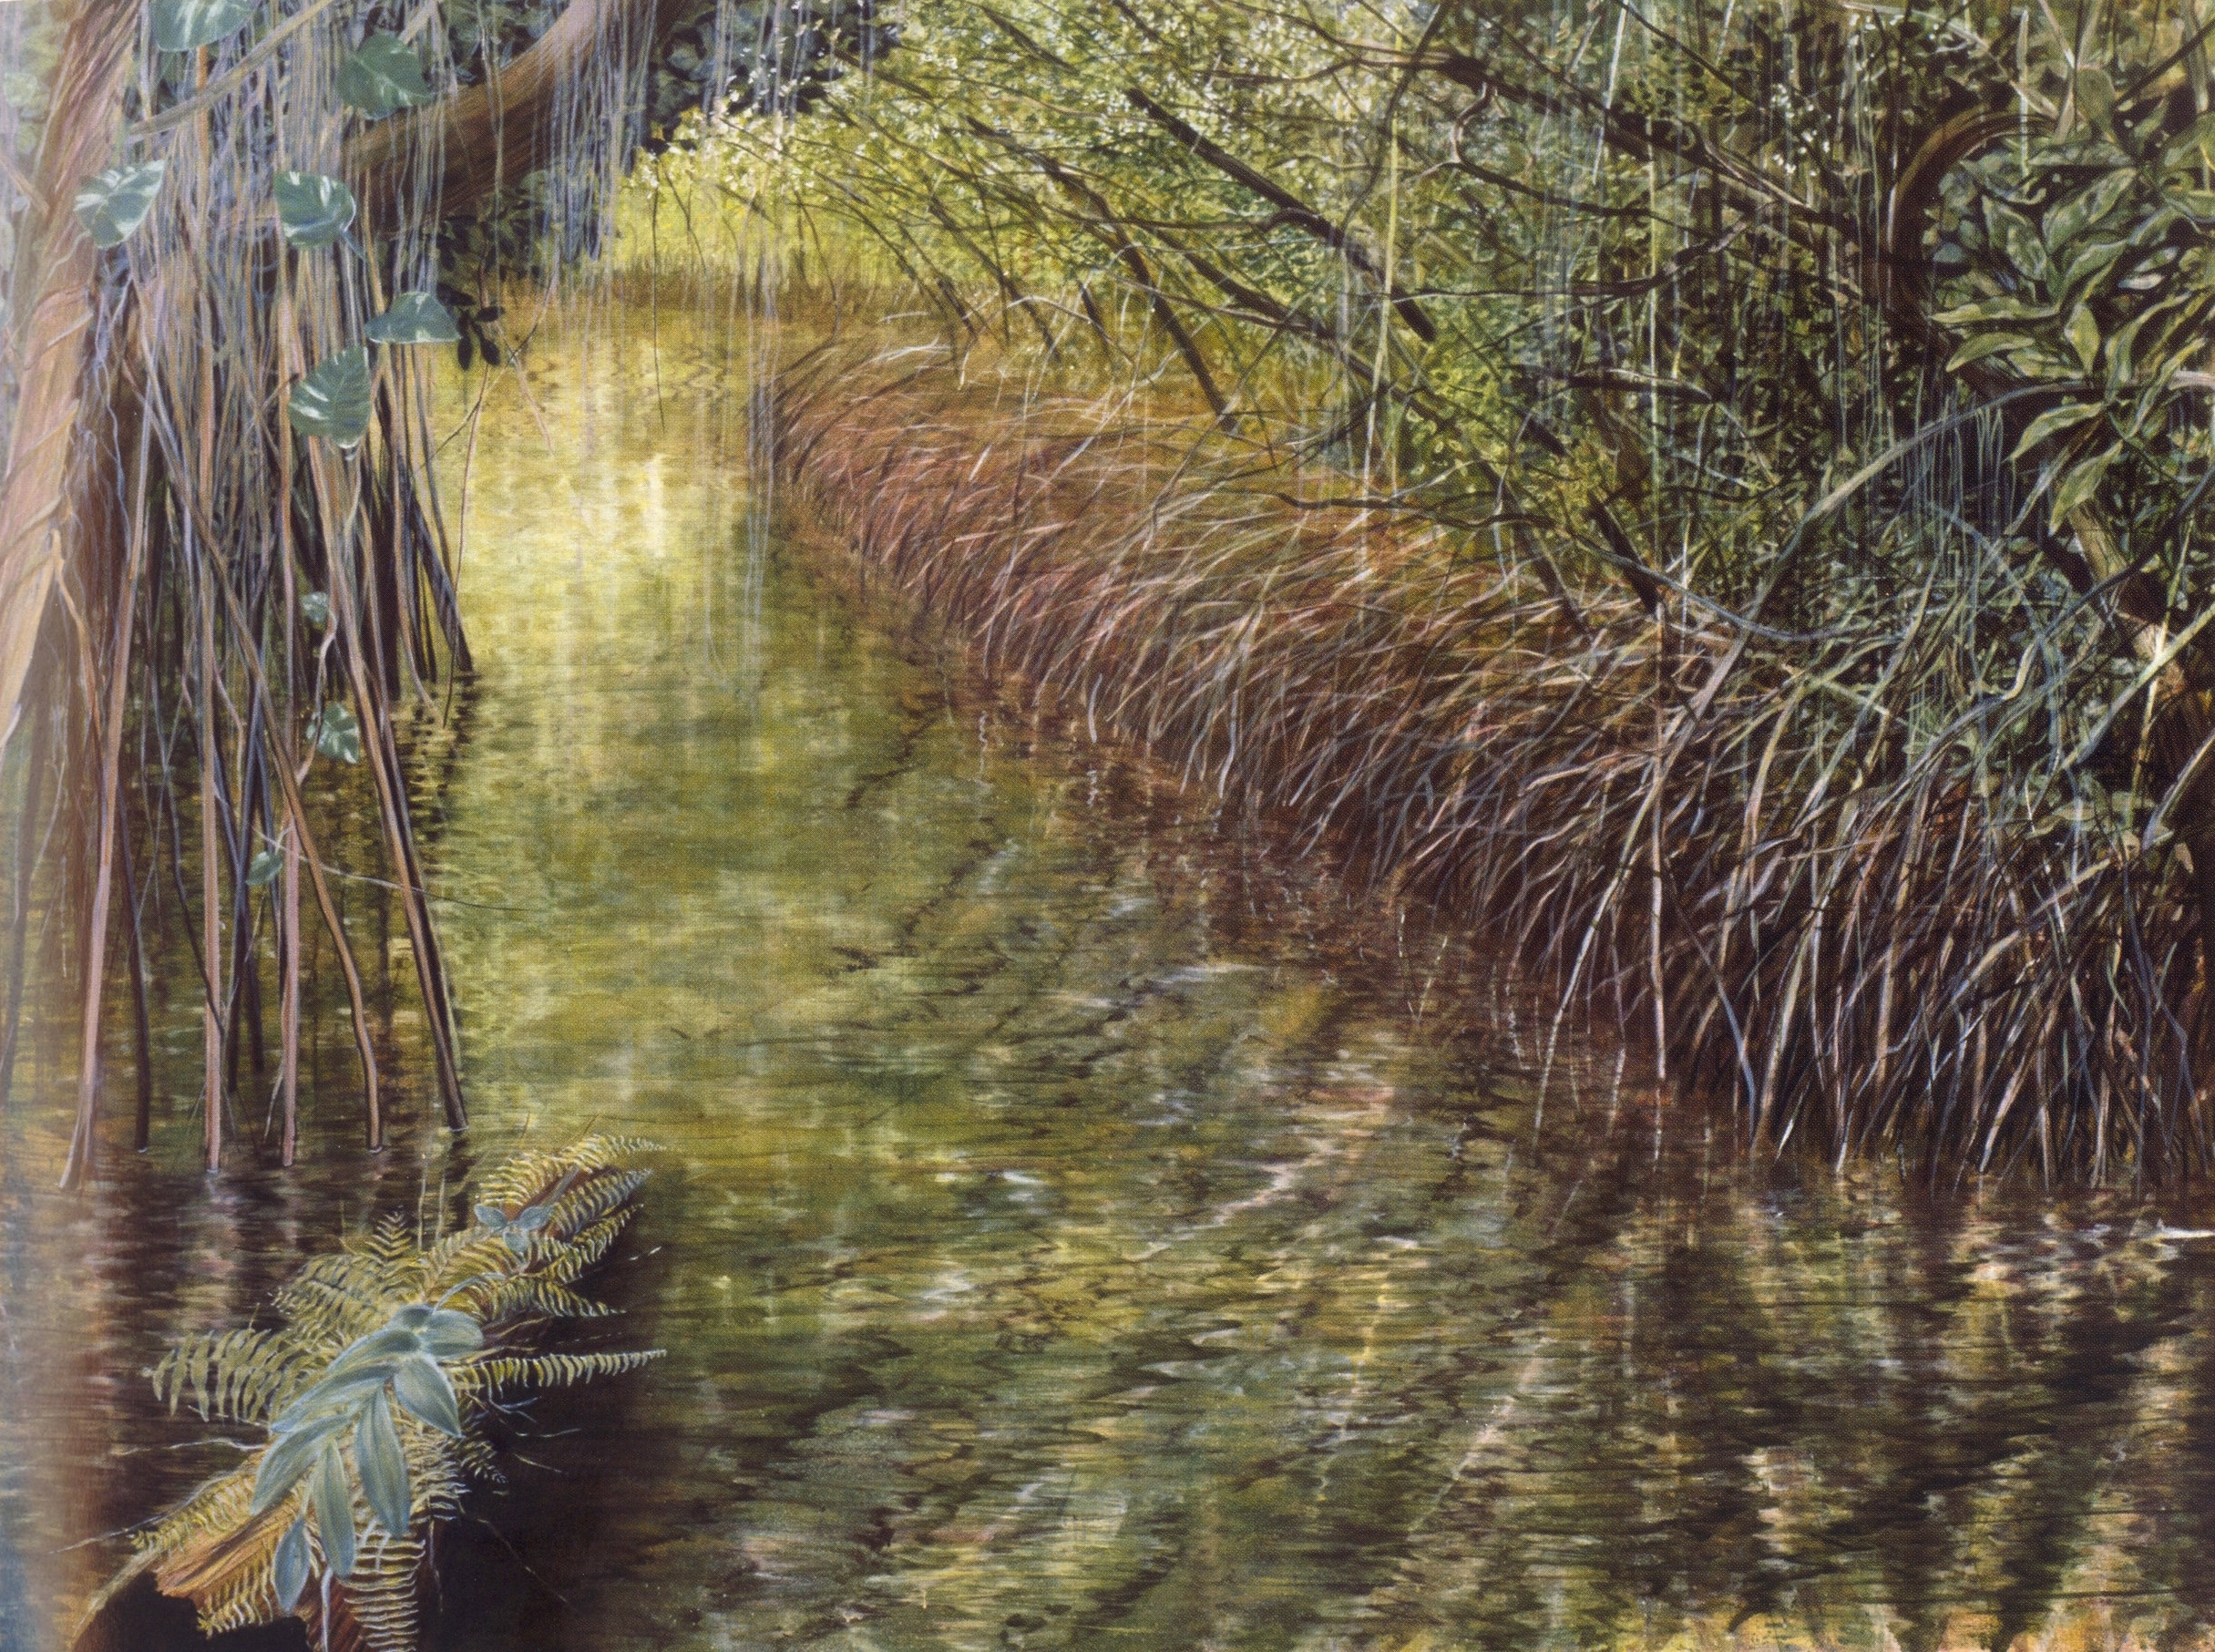 Everglades Missoni   Oil on canvas, 60'' x 70'', 2003